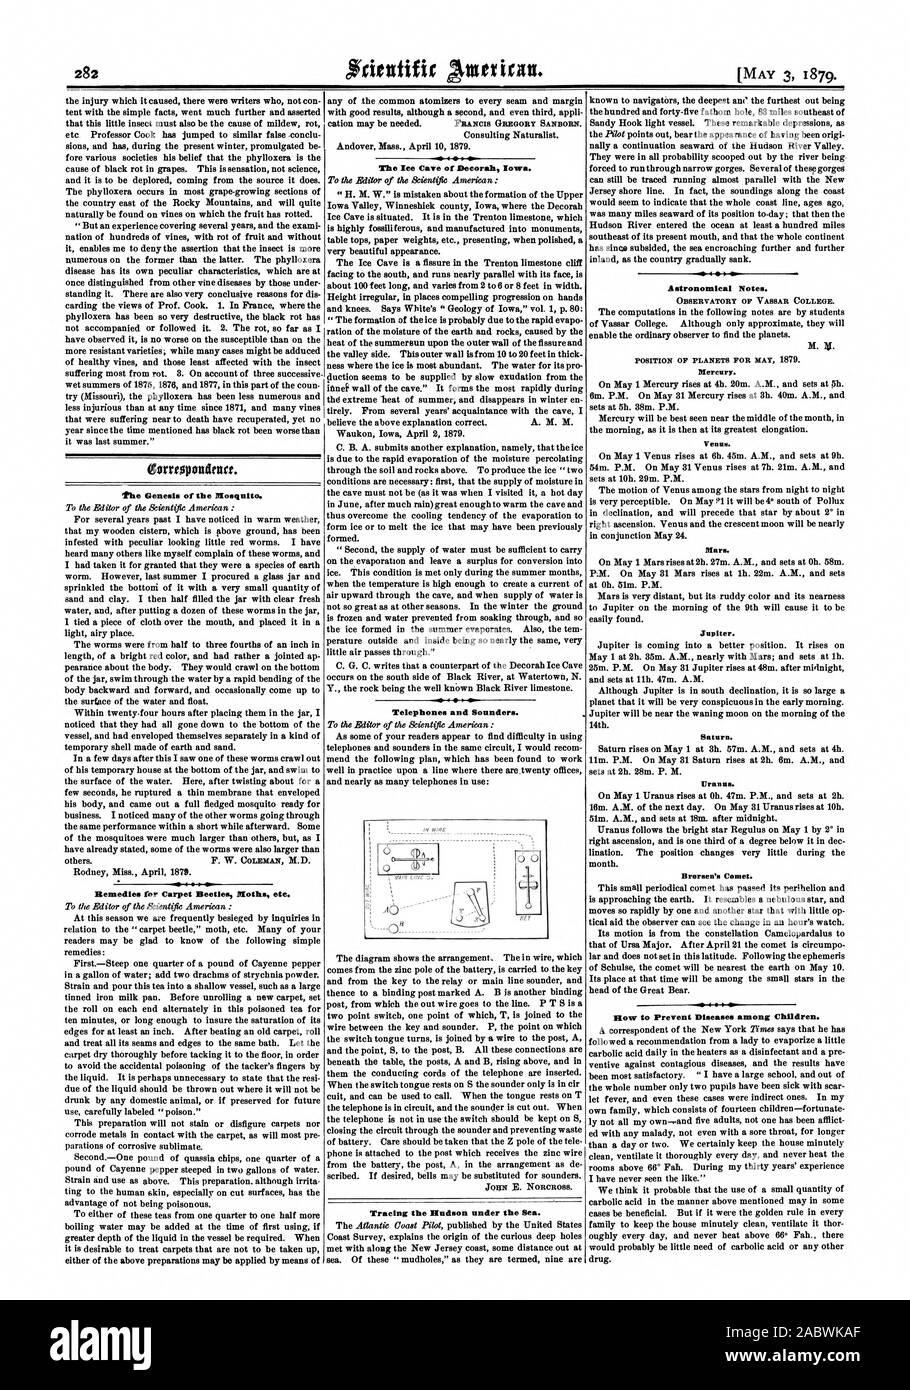 Remedios para los escarabajos de la alfombra de las polillas, etc. La cueva de hielo de Decorah Iowa. Teléfonos y sirenas. El rastreo del Hudson bajo el mar. Observatorio de Vassar College. El Mercurio. Marte. Júpiter. Saturno. Urano. Brorsen del cometa. Cómo prevenir enfermedades entre los niños., Scientific American, 1879-05-11 Foto de stock